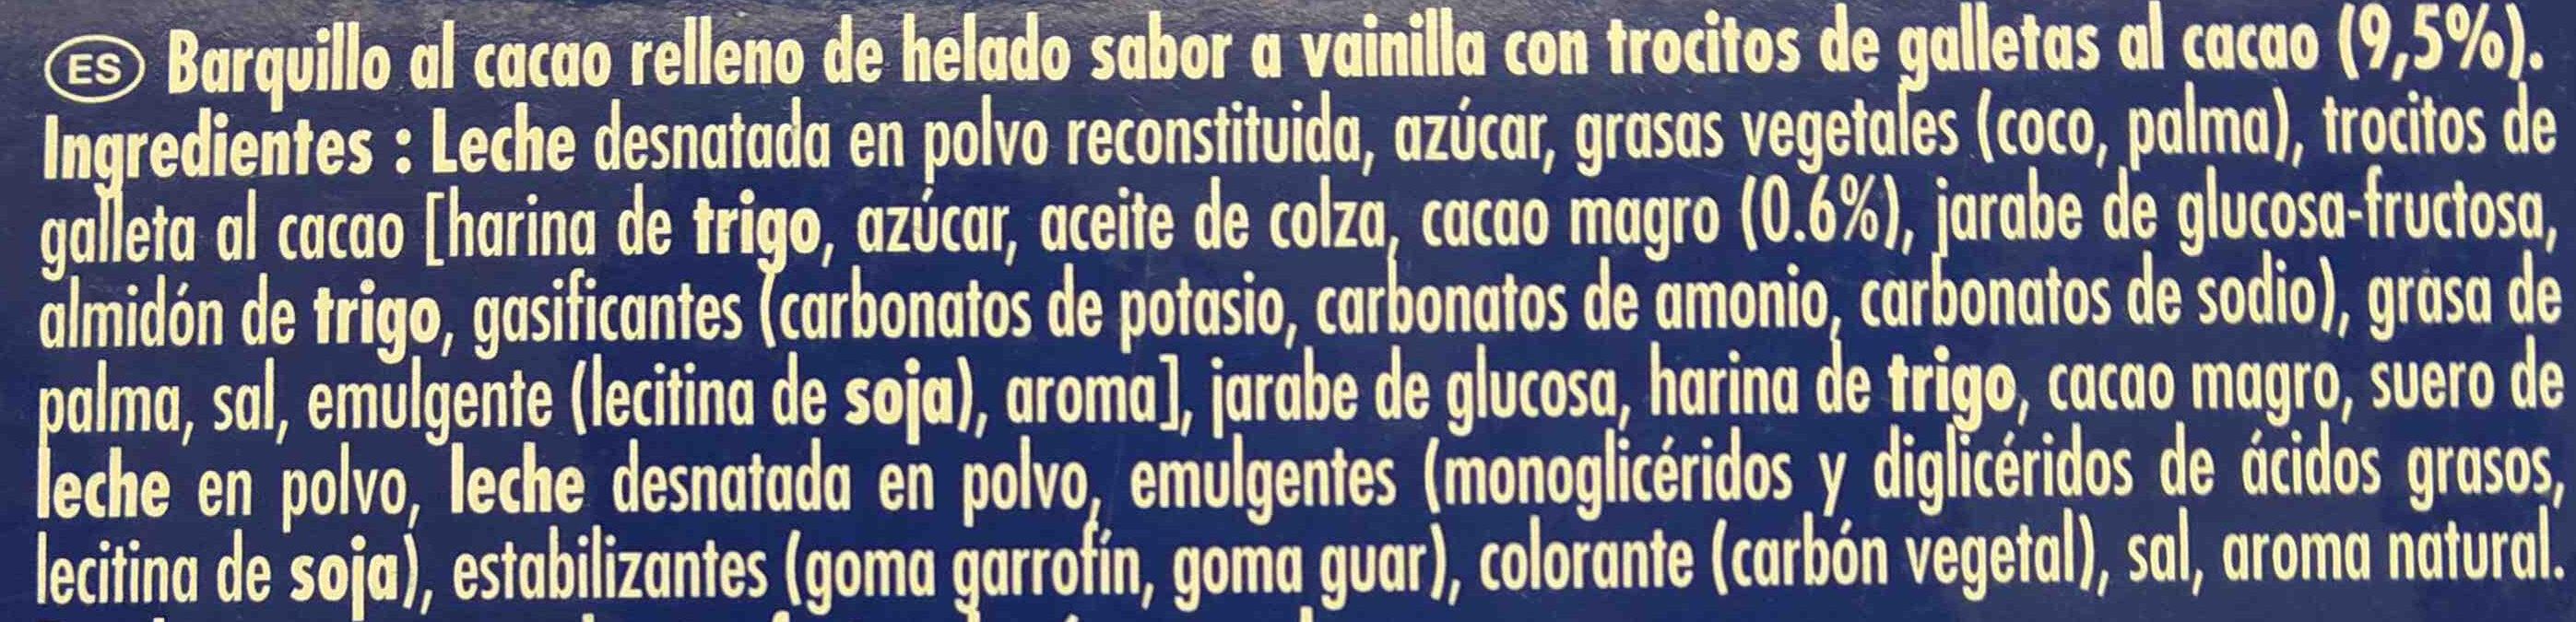 Cono helado - Ingredientes - es